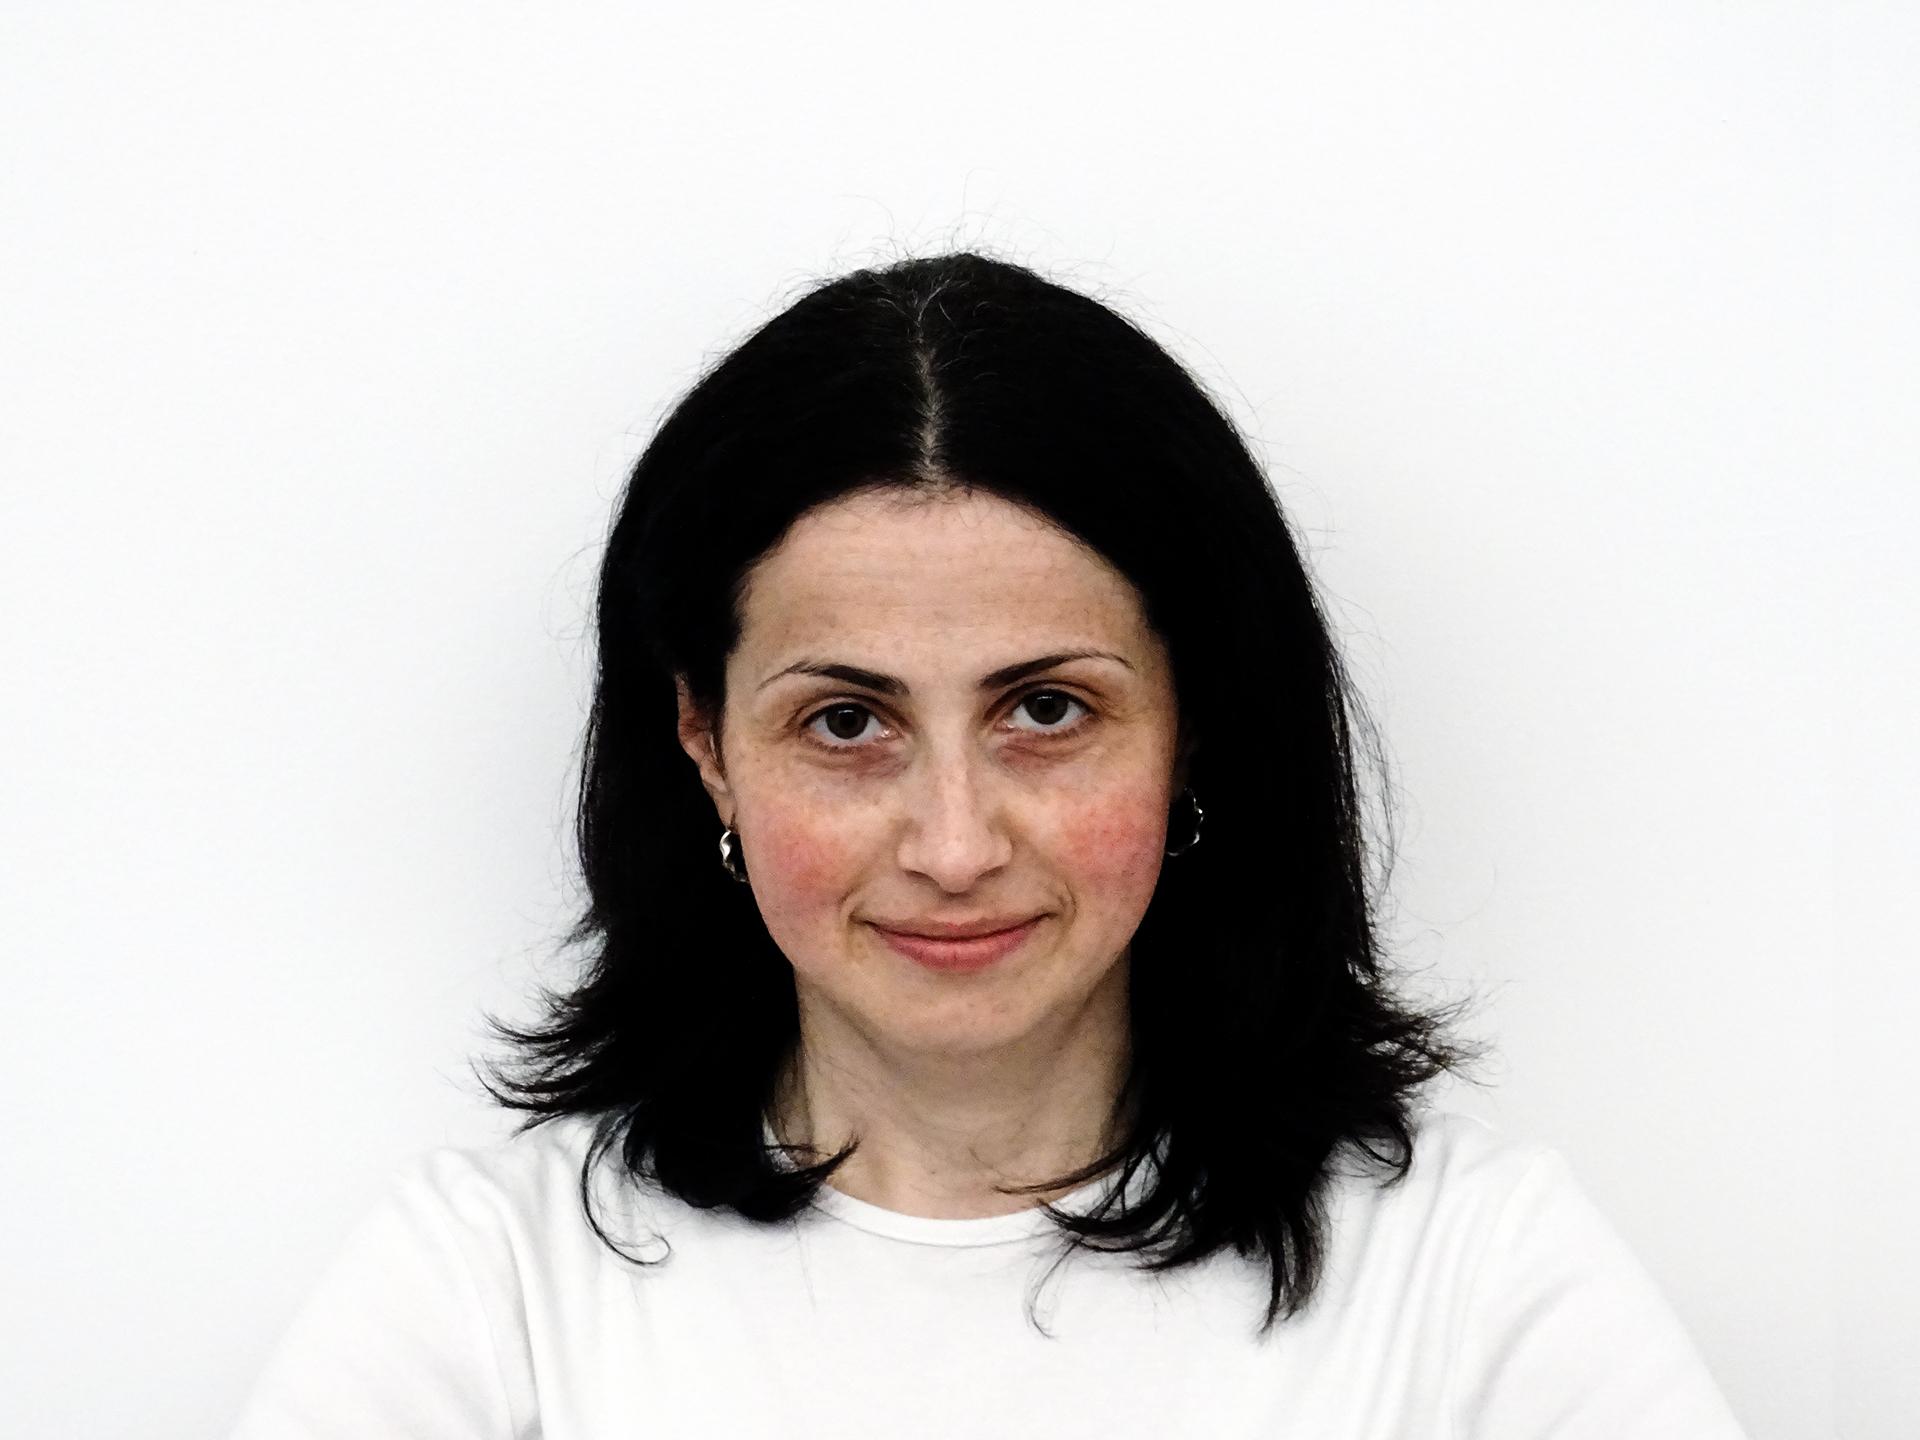 Donatella Carminati